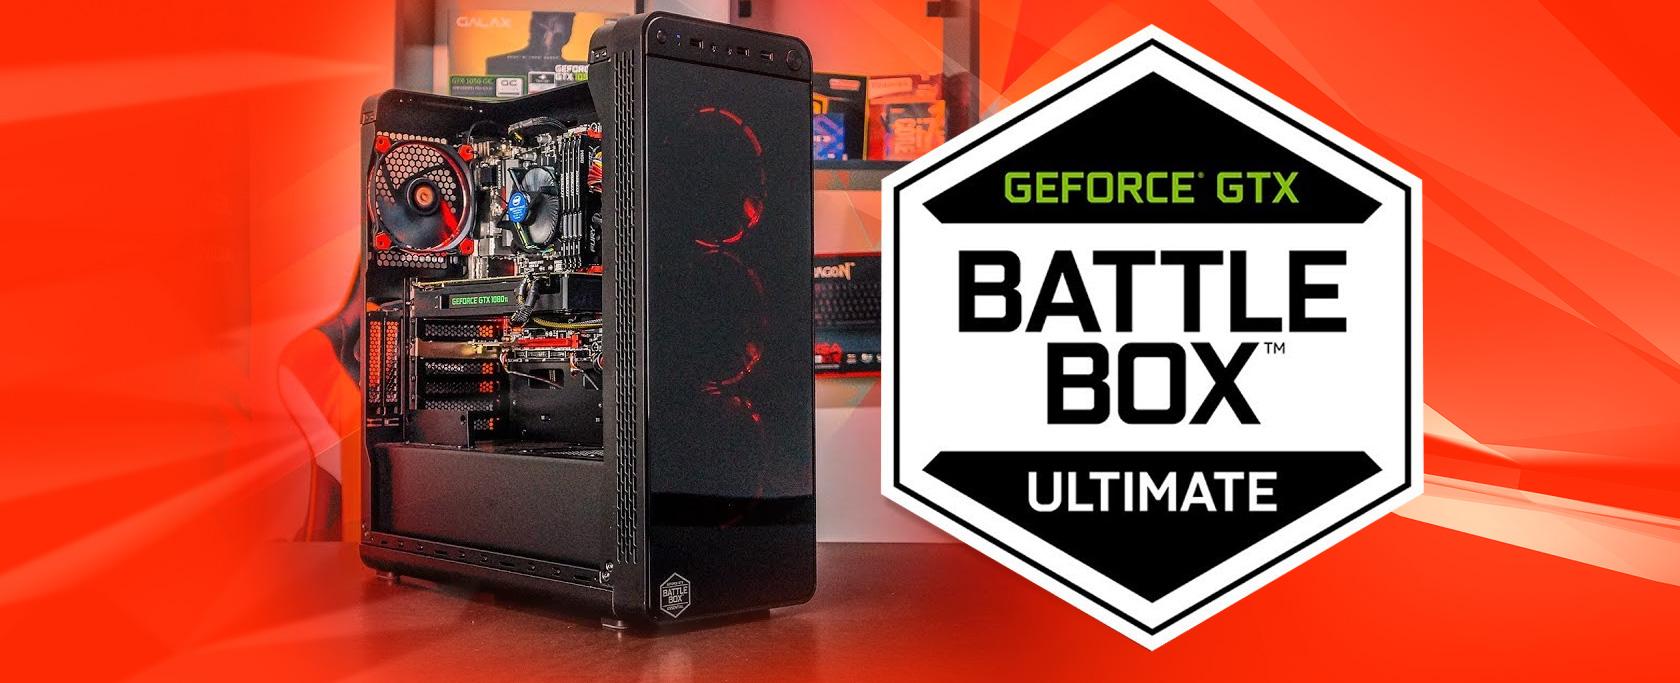 Confira o NVIDIA Battlebox Ultimate em ação